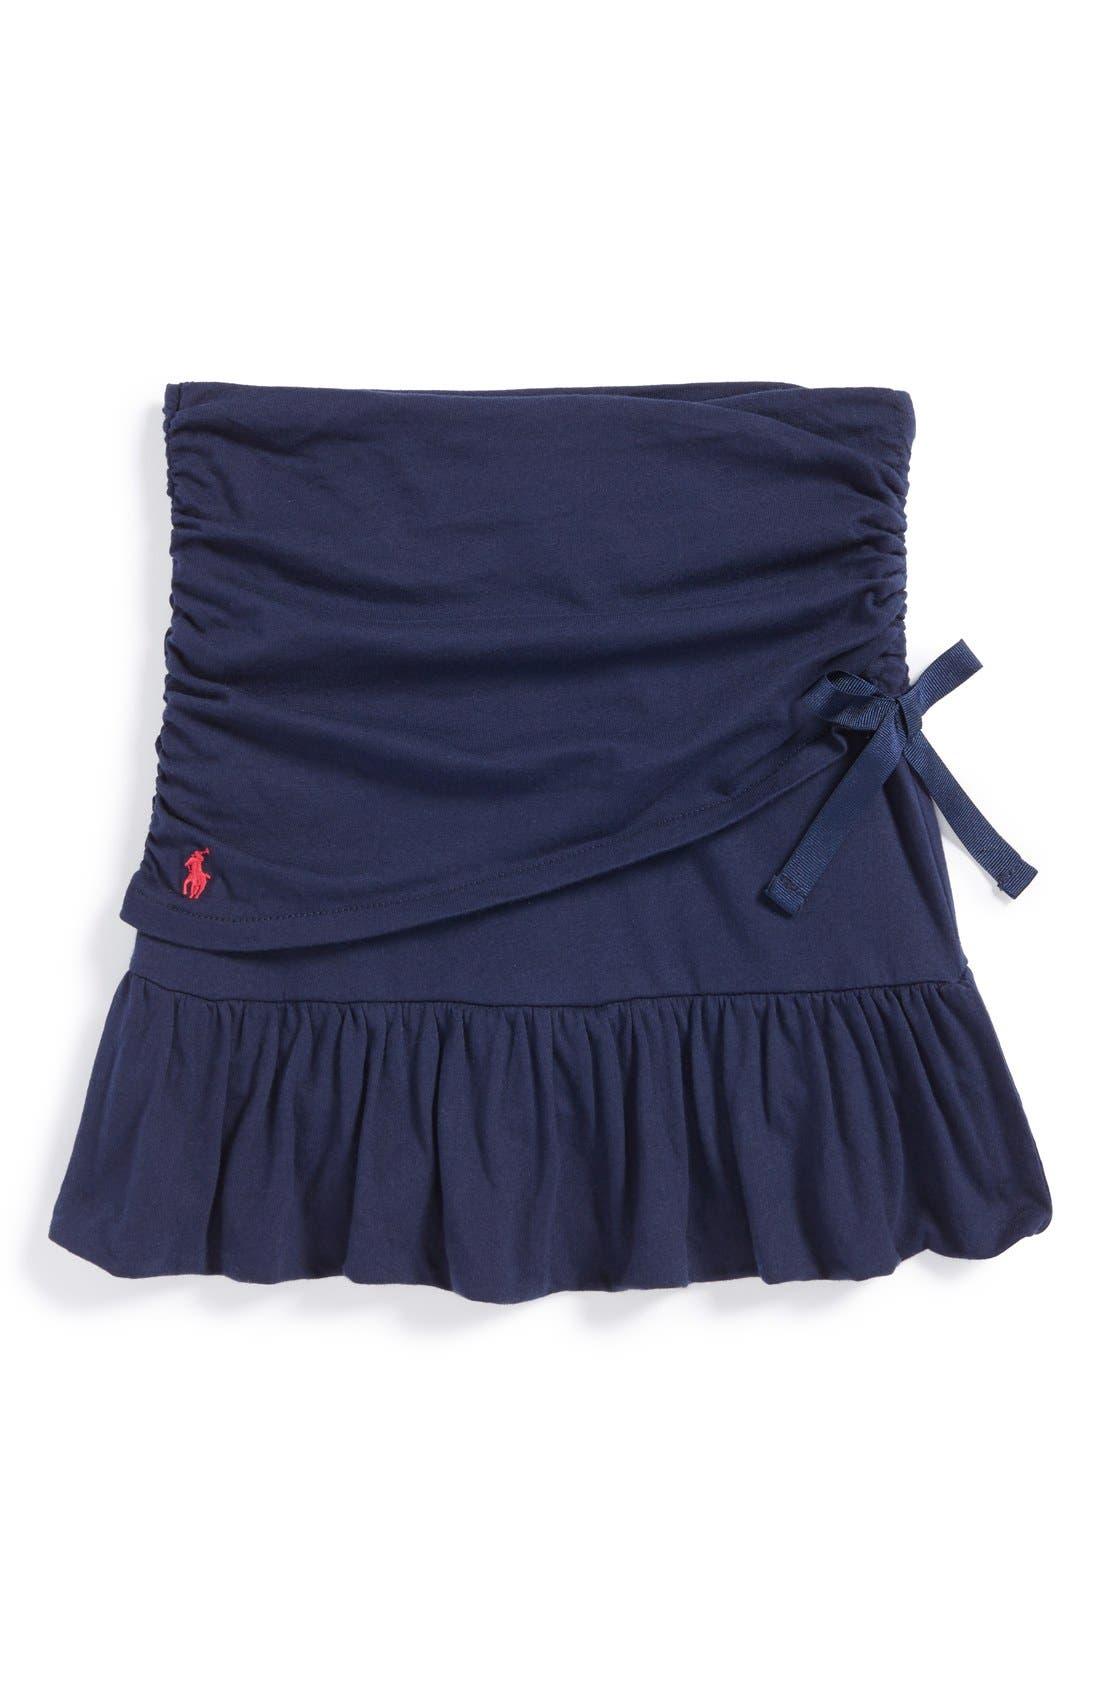 Main Image - Ralph Lauren Ruched Skirt (Toddler Girls & Little Girls)